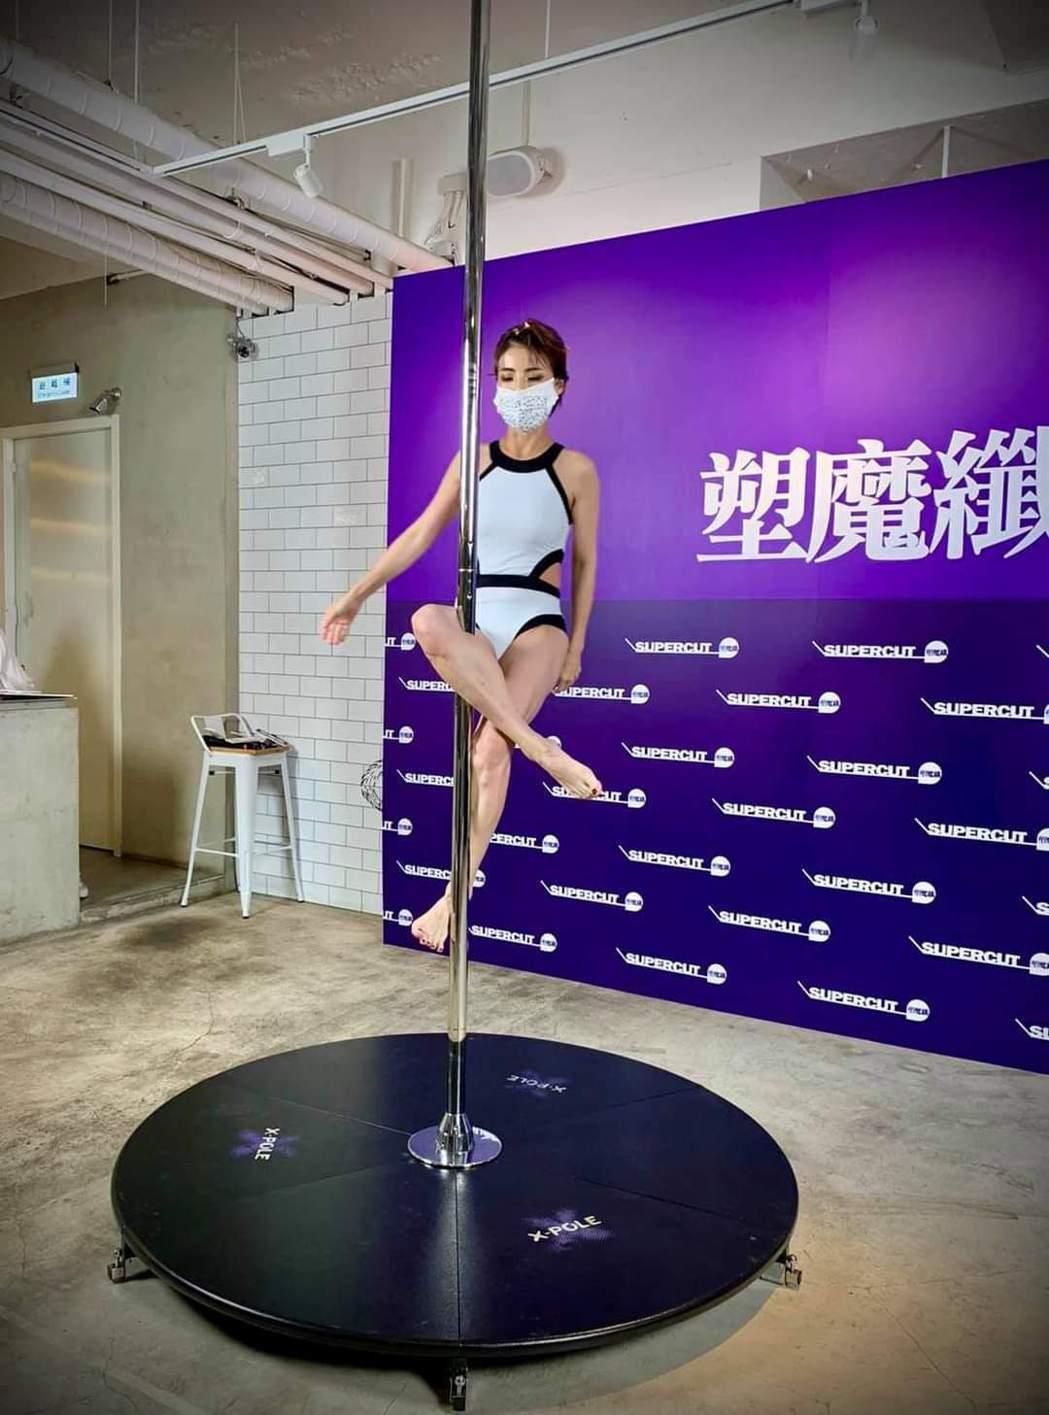 徐小可在記者會上大跳鋼管舞。圖/摘自臉書